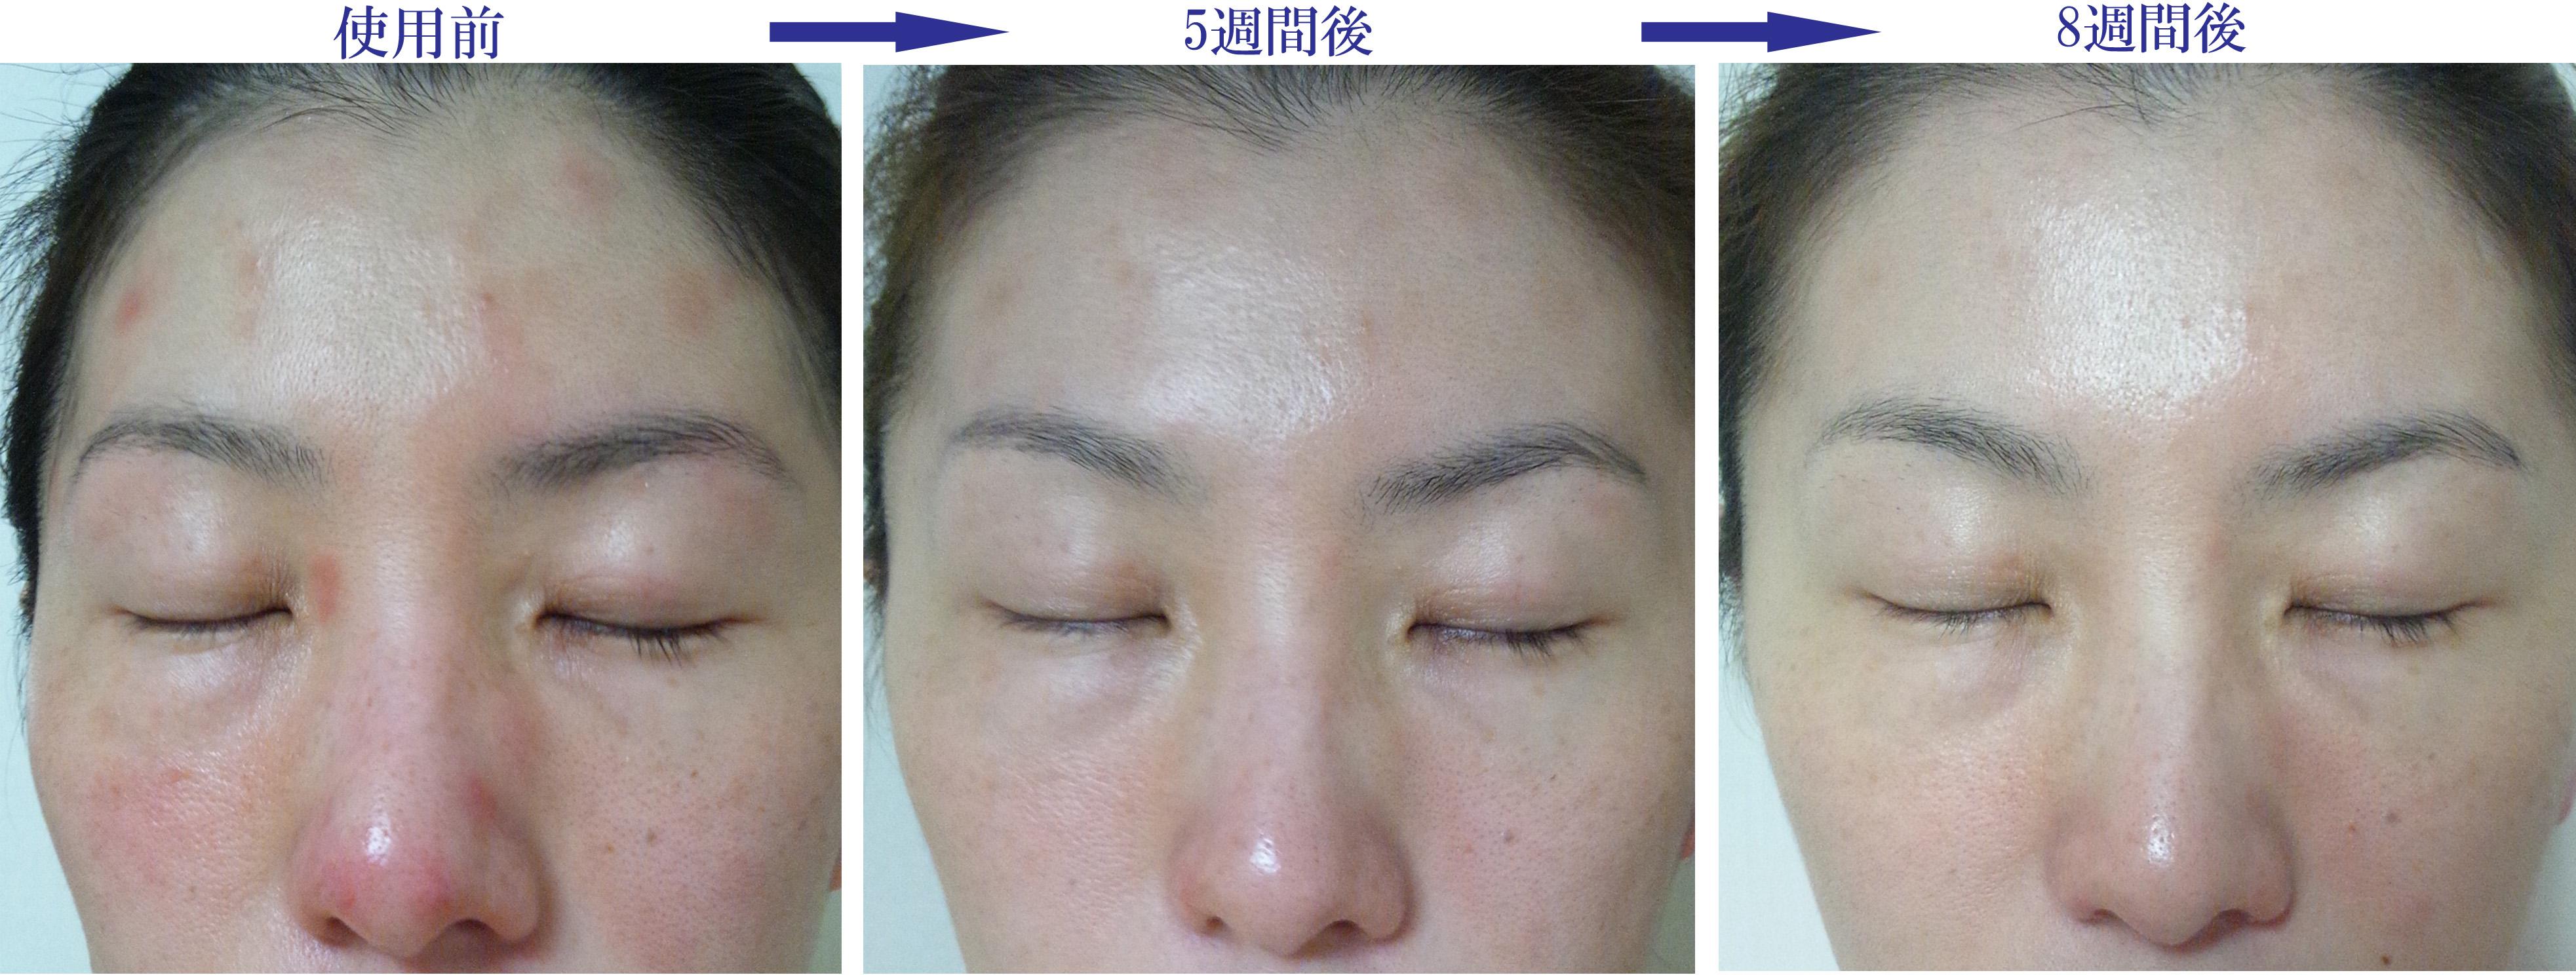 アトピー性皮膚炎改善症例16(顔・鼻のかゆみ・炎症の赤み改善)